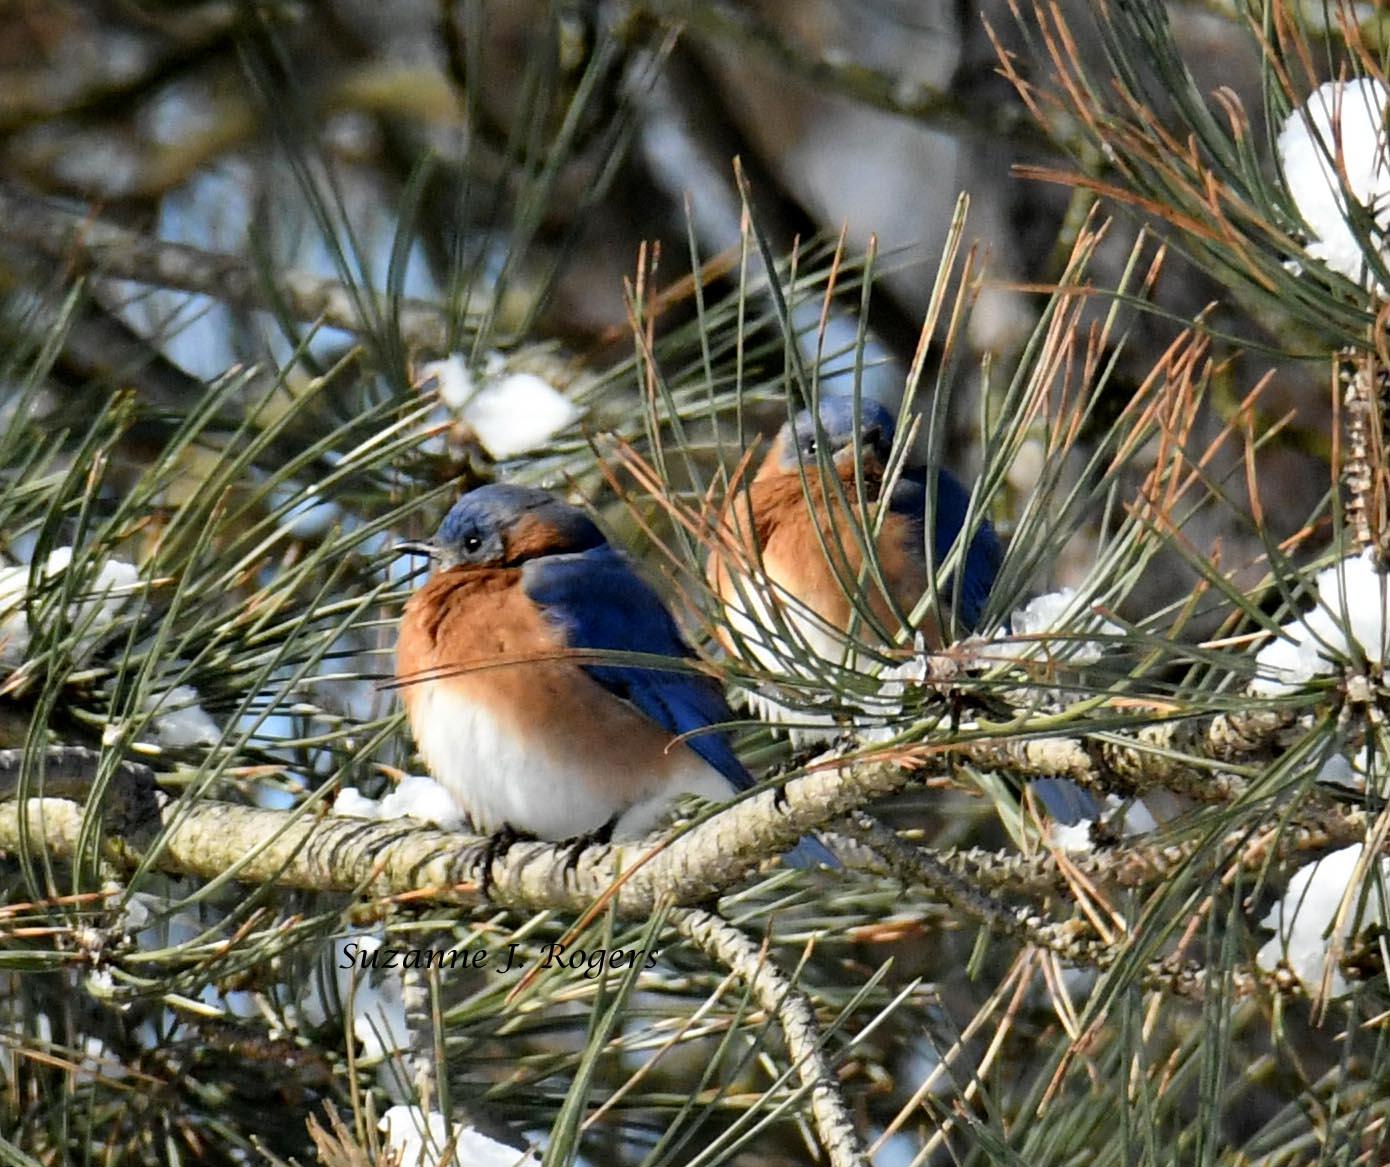 bluebirds in the snowy tree 3 wm